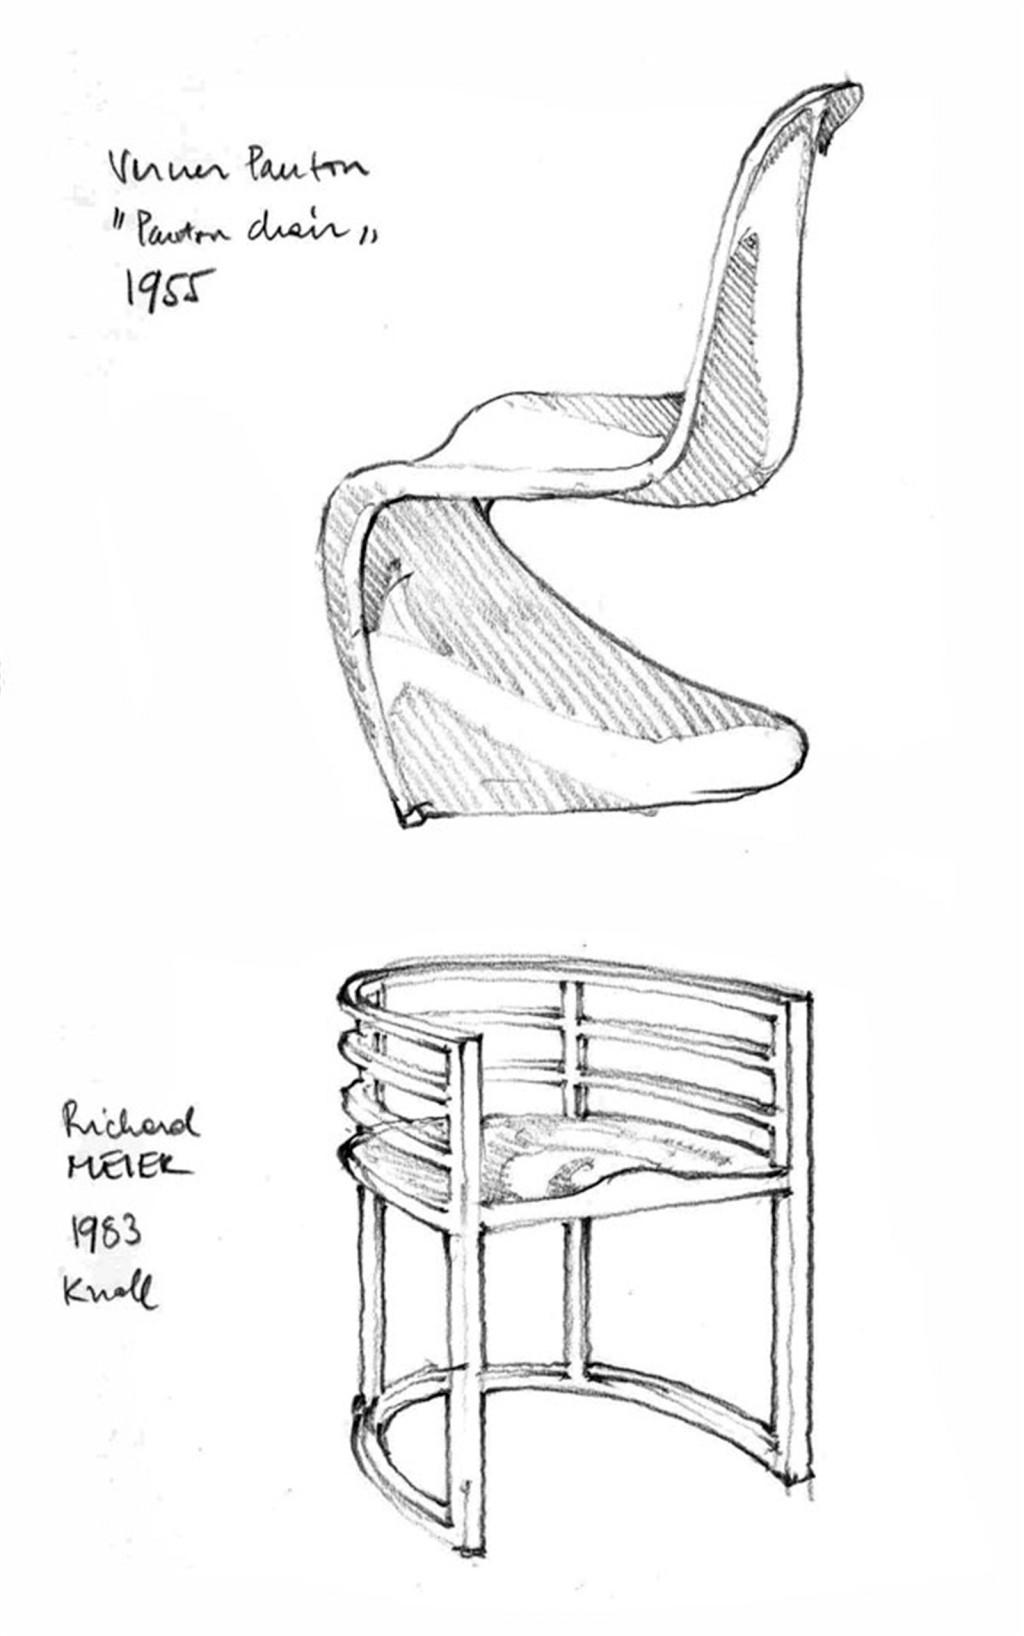 创意凳子效果图 桌子 椅子 建筑 家居装饰 室内空间图片